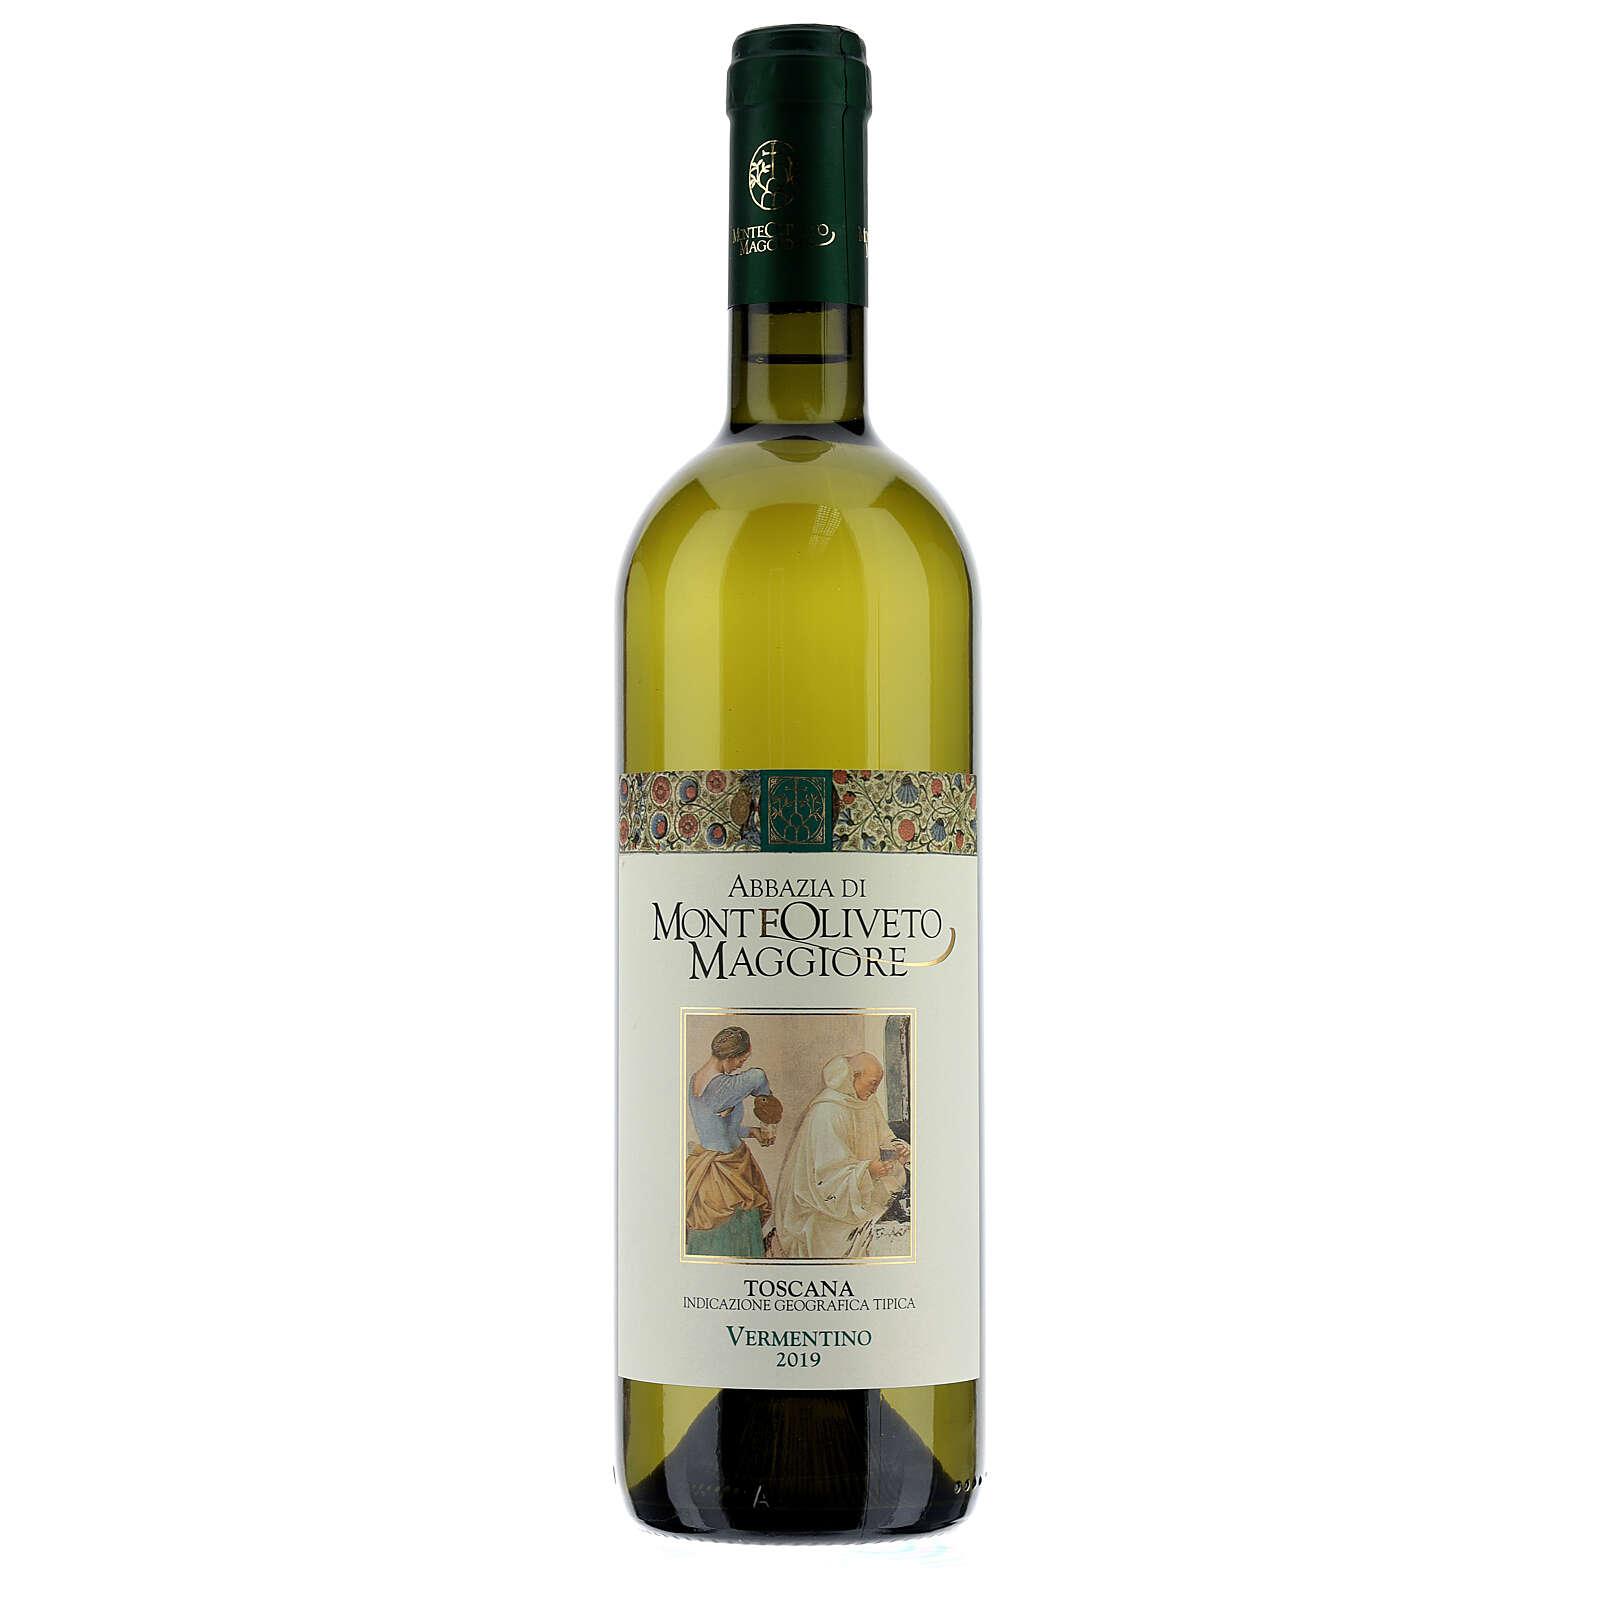 Weisswein Tuskanien Abtei Monte Uliveto 2019 3